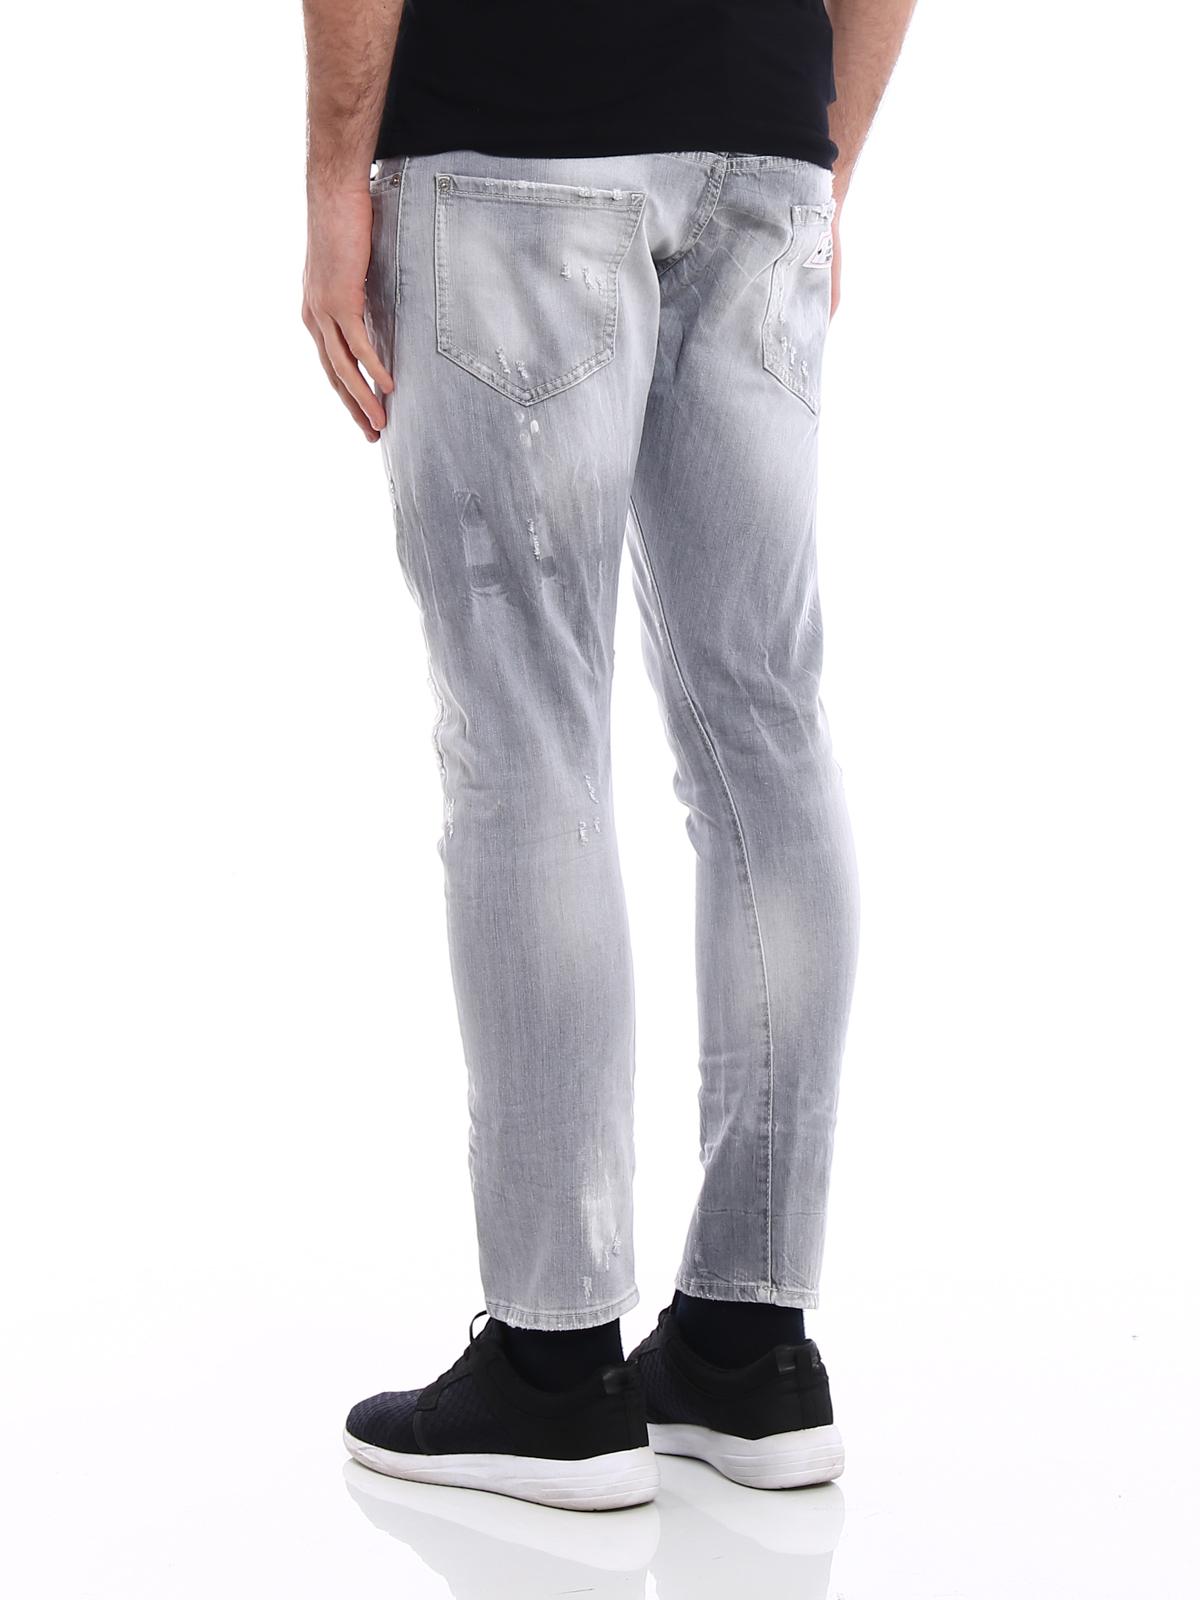 b95535008a356 Dsquared2 - Jeans Sexy Twist grigio chiaro - jeans skinny ...